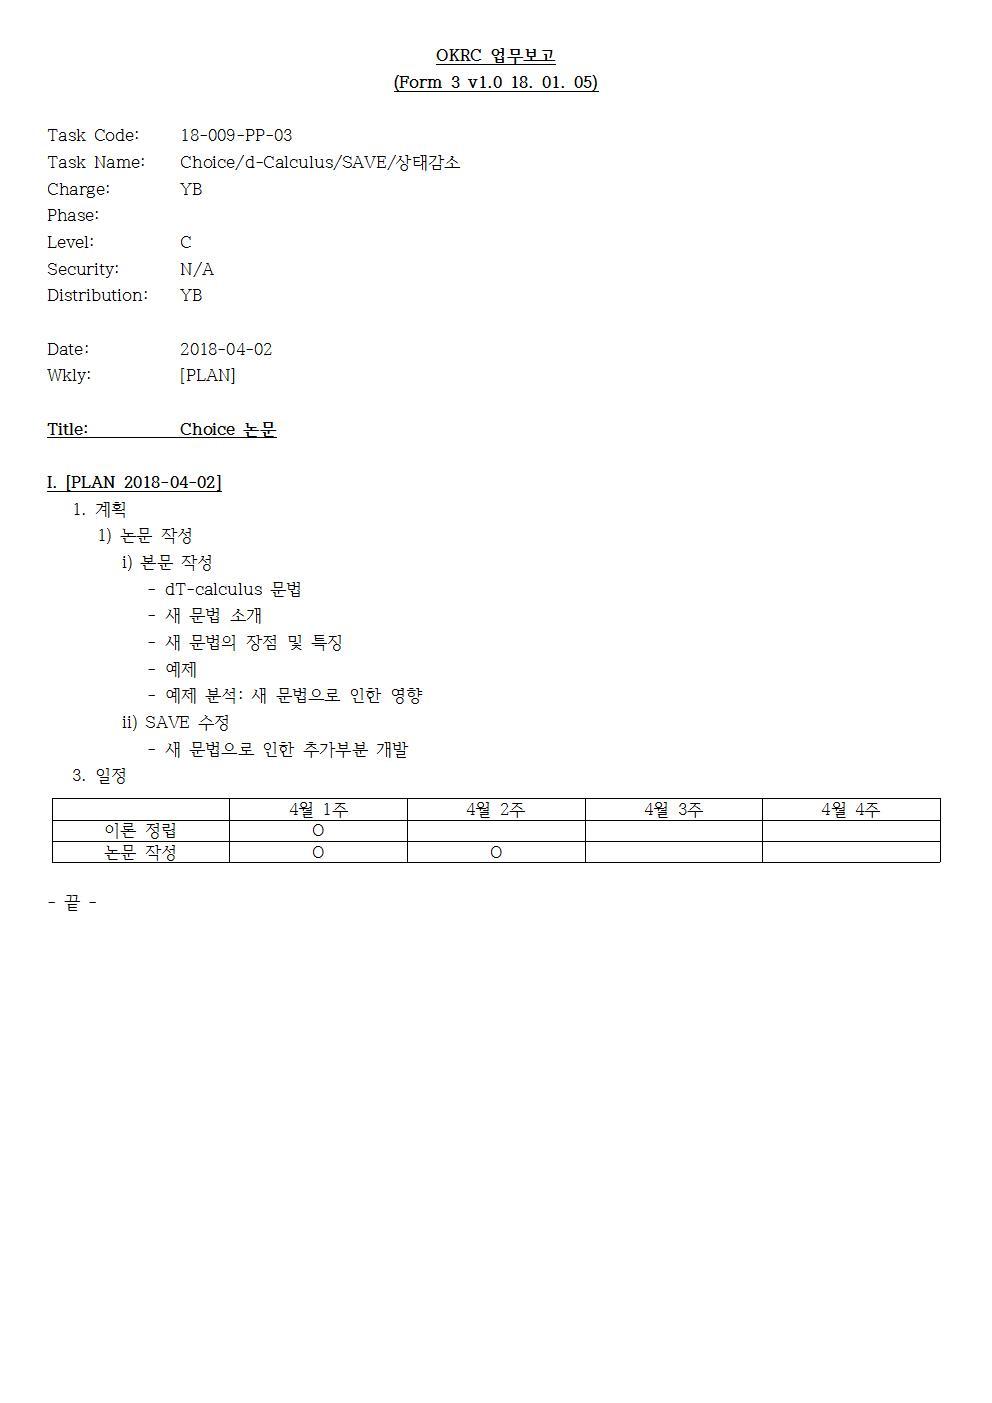 D-[18-009-PP-03]-[Choice]-[2018-04-02][YB]001.jpg